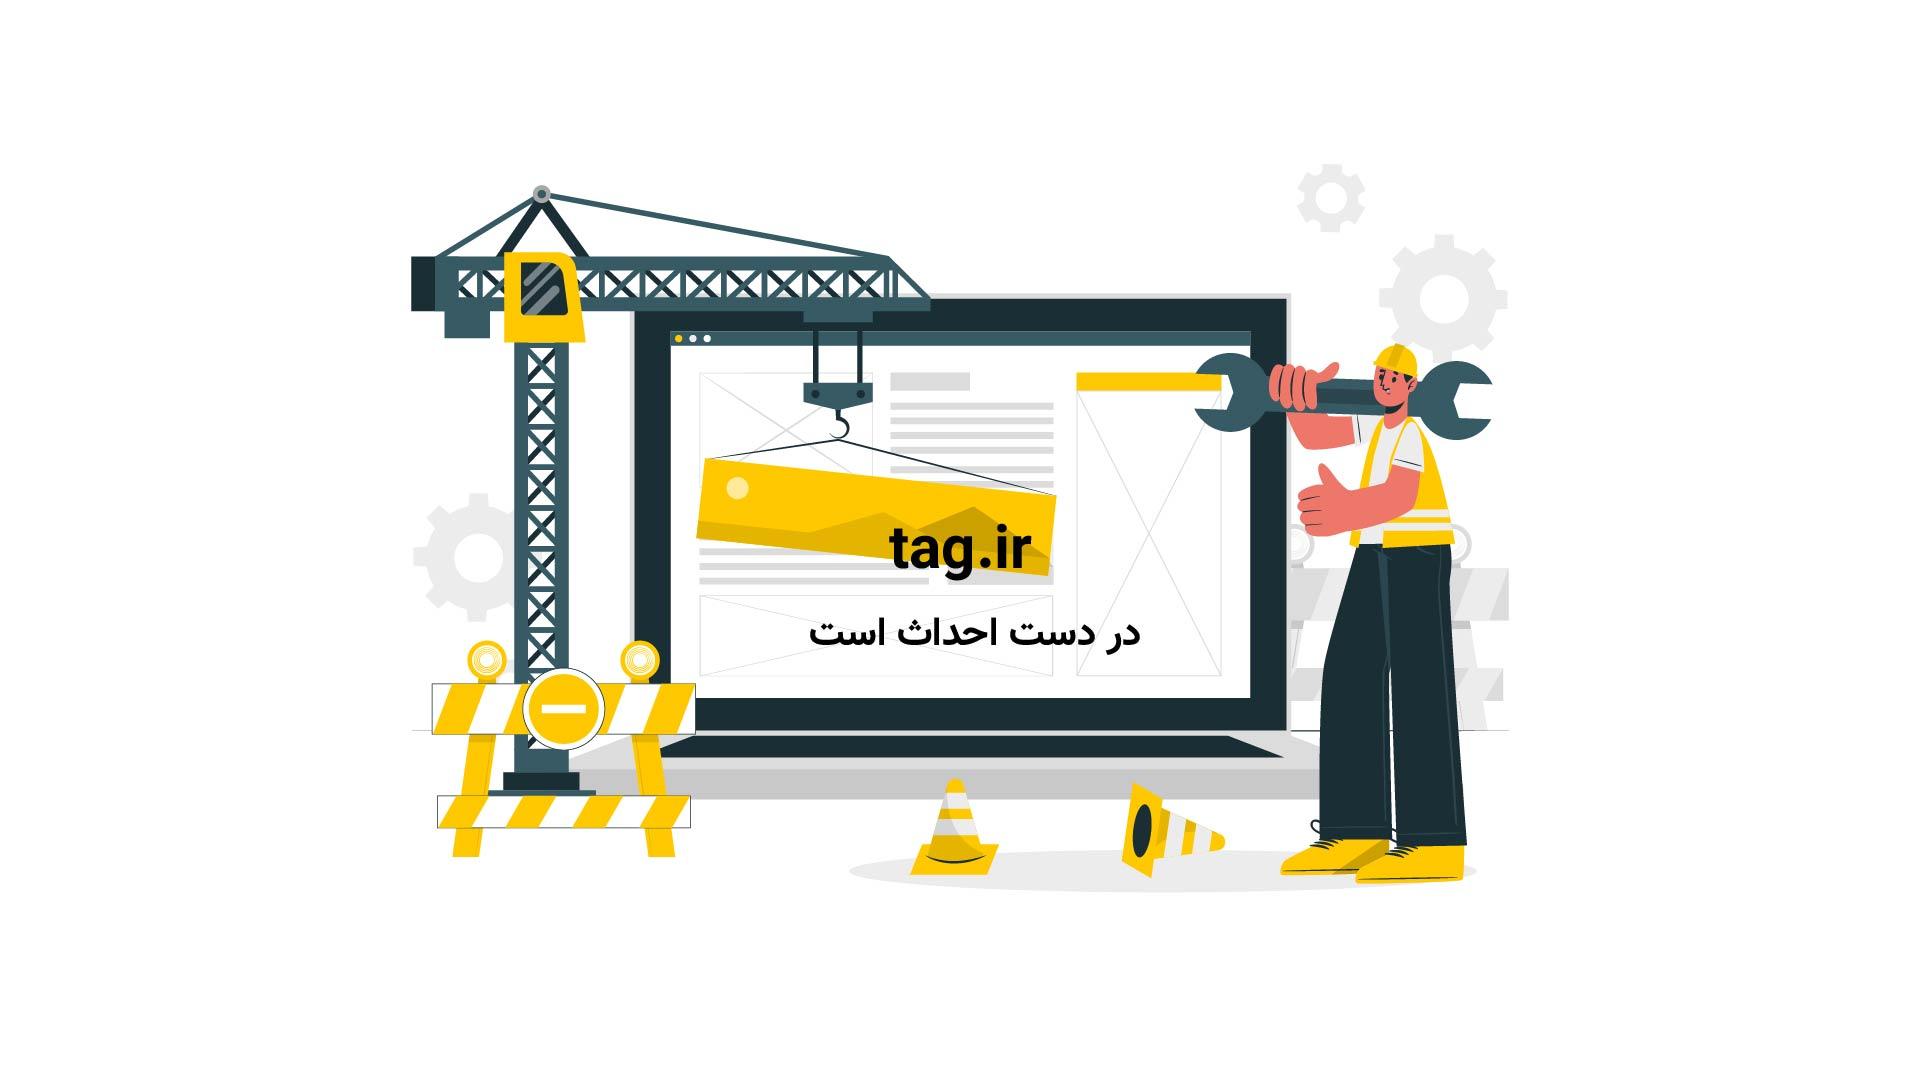 فرار خودرو از دست راننده در بزرگراهی در سوئيس | فیلم